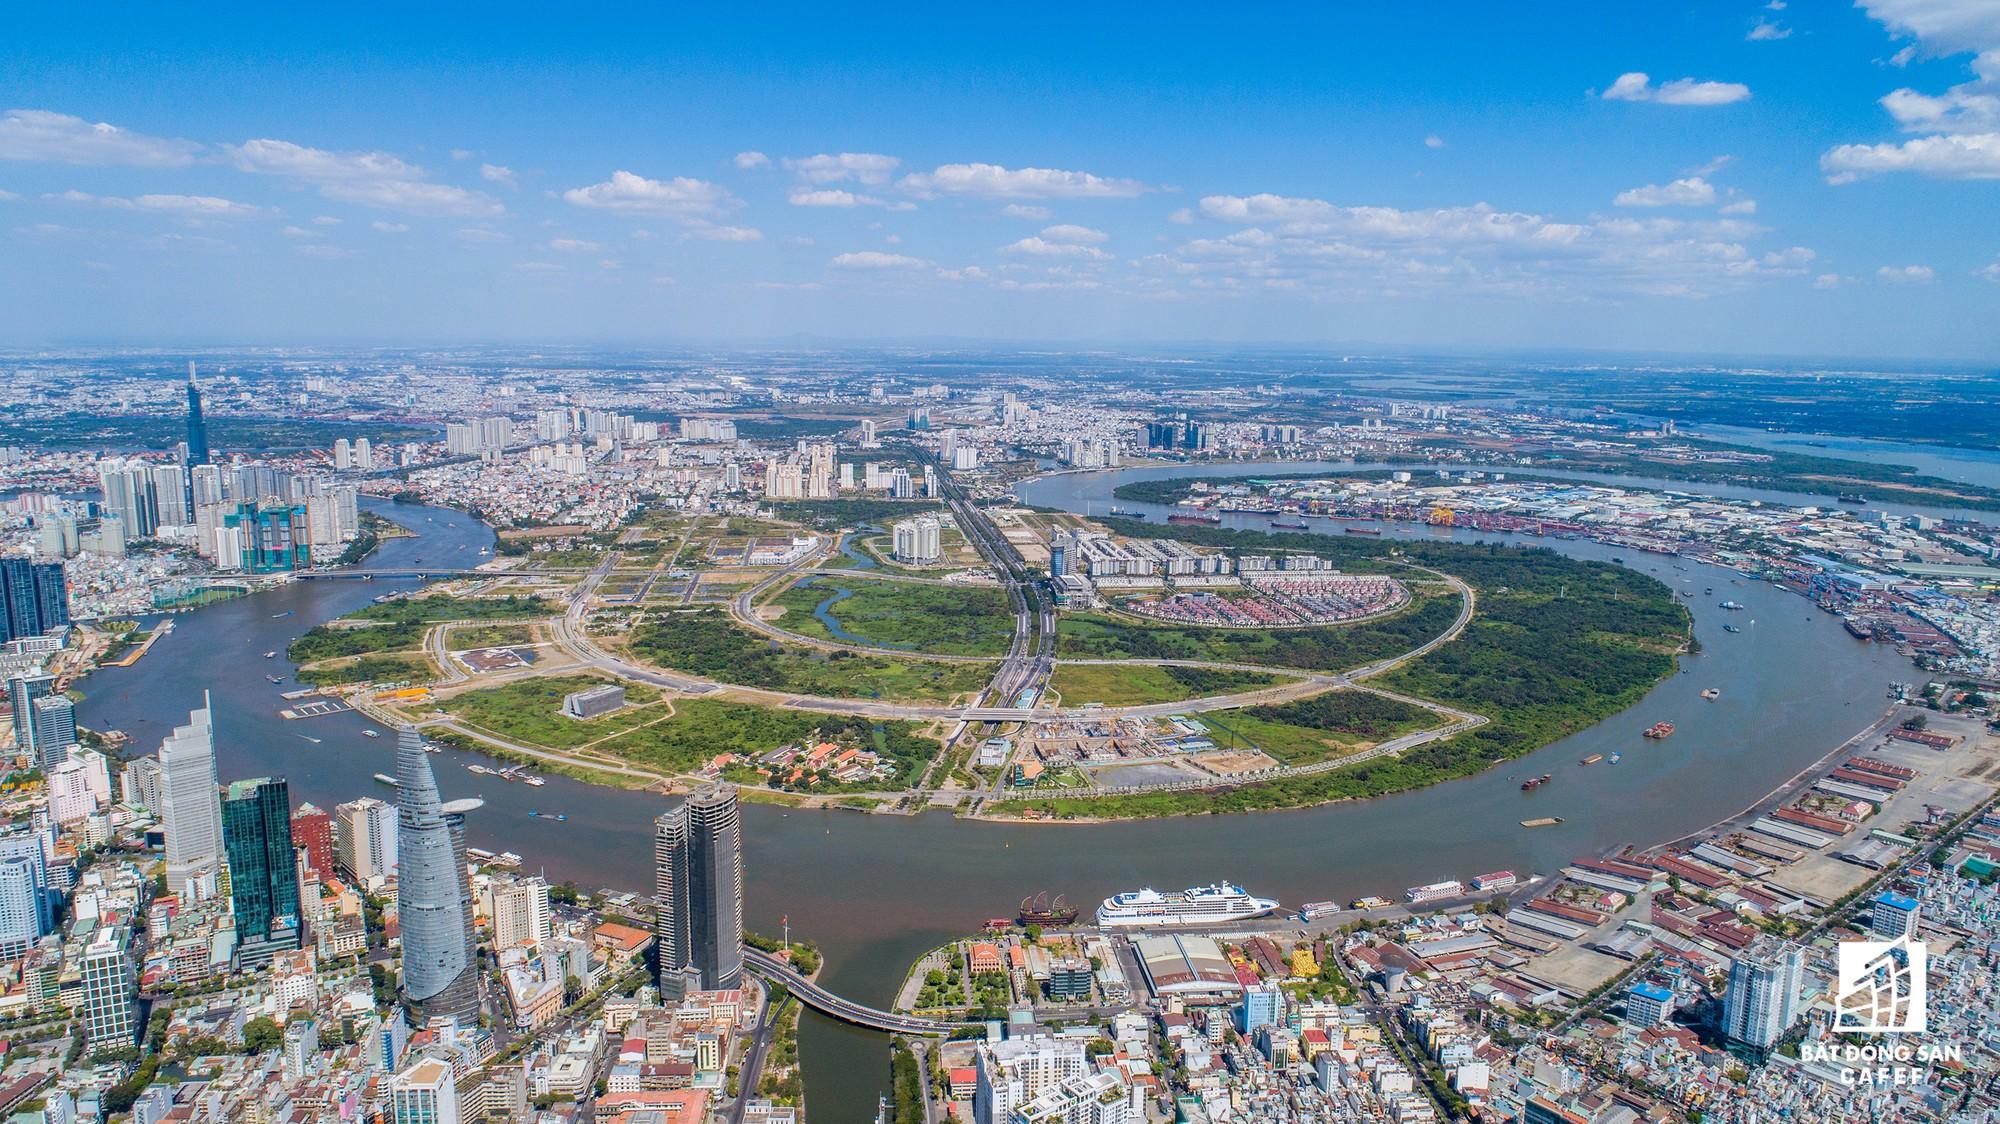 Diện mạo hai bờ sông Sài Gòn tương lai nhìn từ loạt siêu dự án tỷ đô, khu vực trung tâm giá nhà lên hơn 1 tỷ đồng/m2 - Ảnh 2. Diện mạo hai bờ sông Sài Gòn tương lai nhìn từ loạt siêu dự án tỷ đô, khu vực trung tâm giá nhà lên hơn 1 tỷ đồng/m2 Diện mạo hai bờ sông Sài Gòn tương lai nhìn từ loạt siêu dự án tỷ đô, khu vực trung tâm giá nhà lên hơn 1 tỷ đồng/m2 hinh chu 1 1568278471758742811834